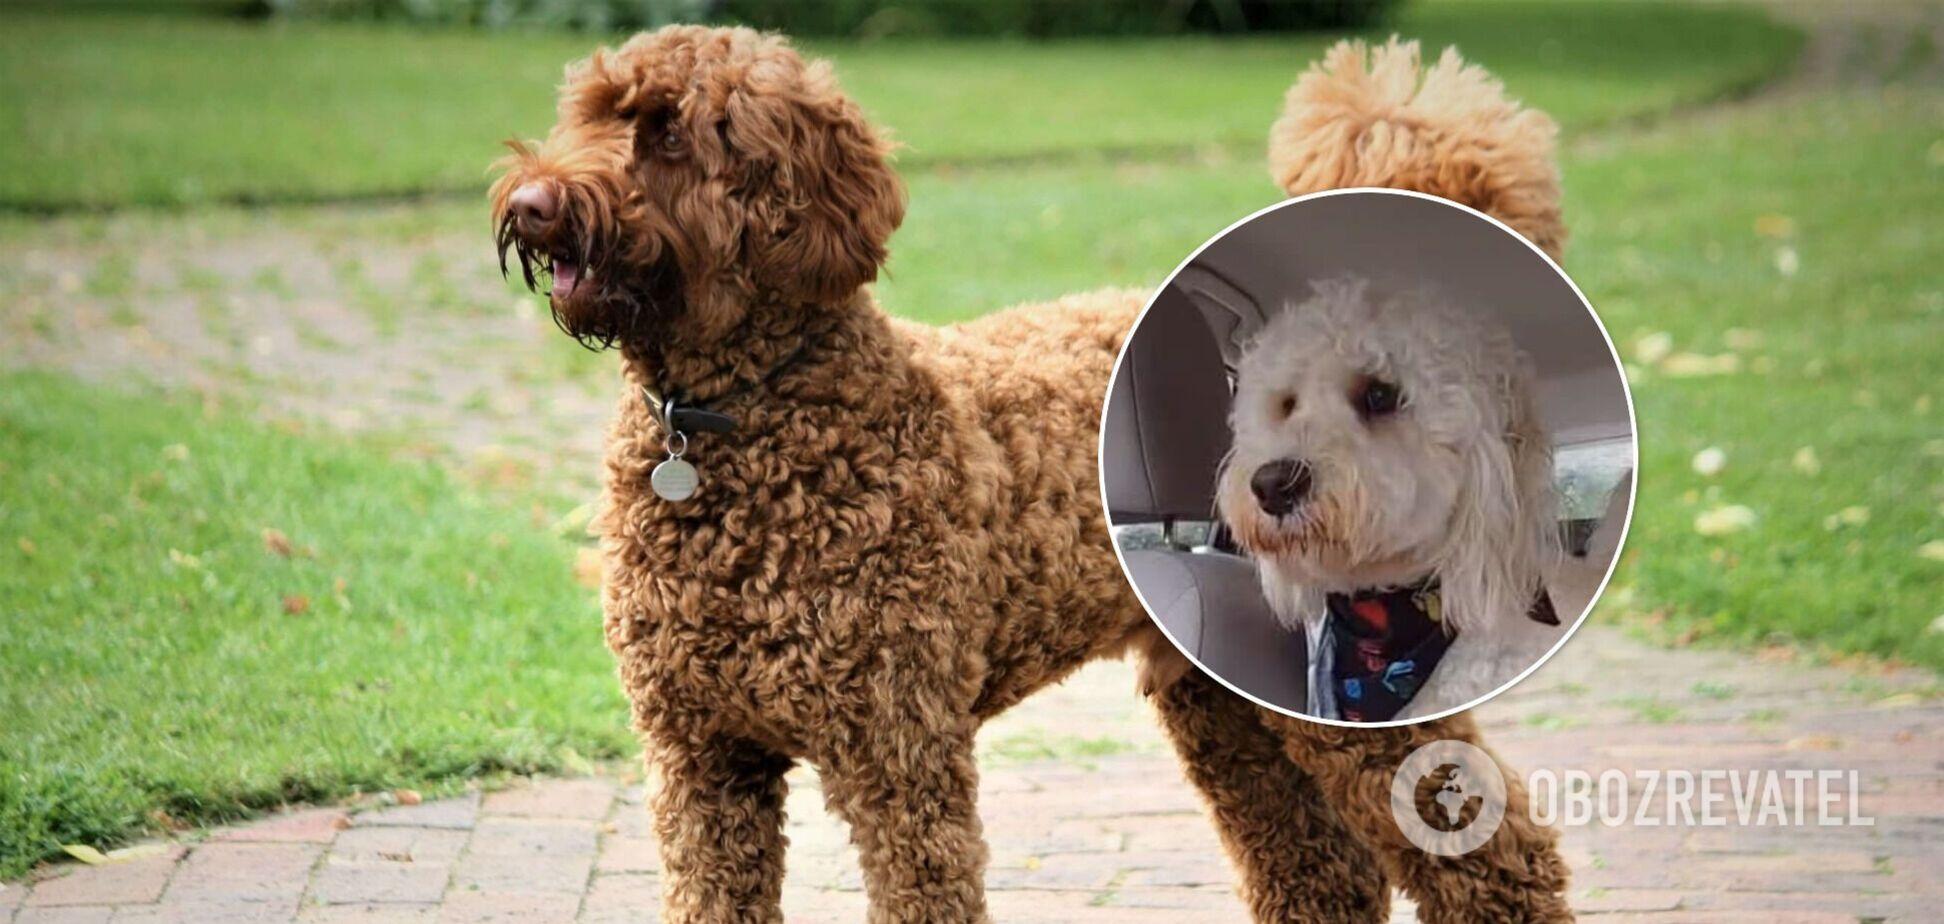 Відважний пес 'захистив' господаря від автомобільних двірників і став зіркою мережі. Вірусне відео